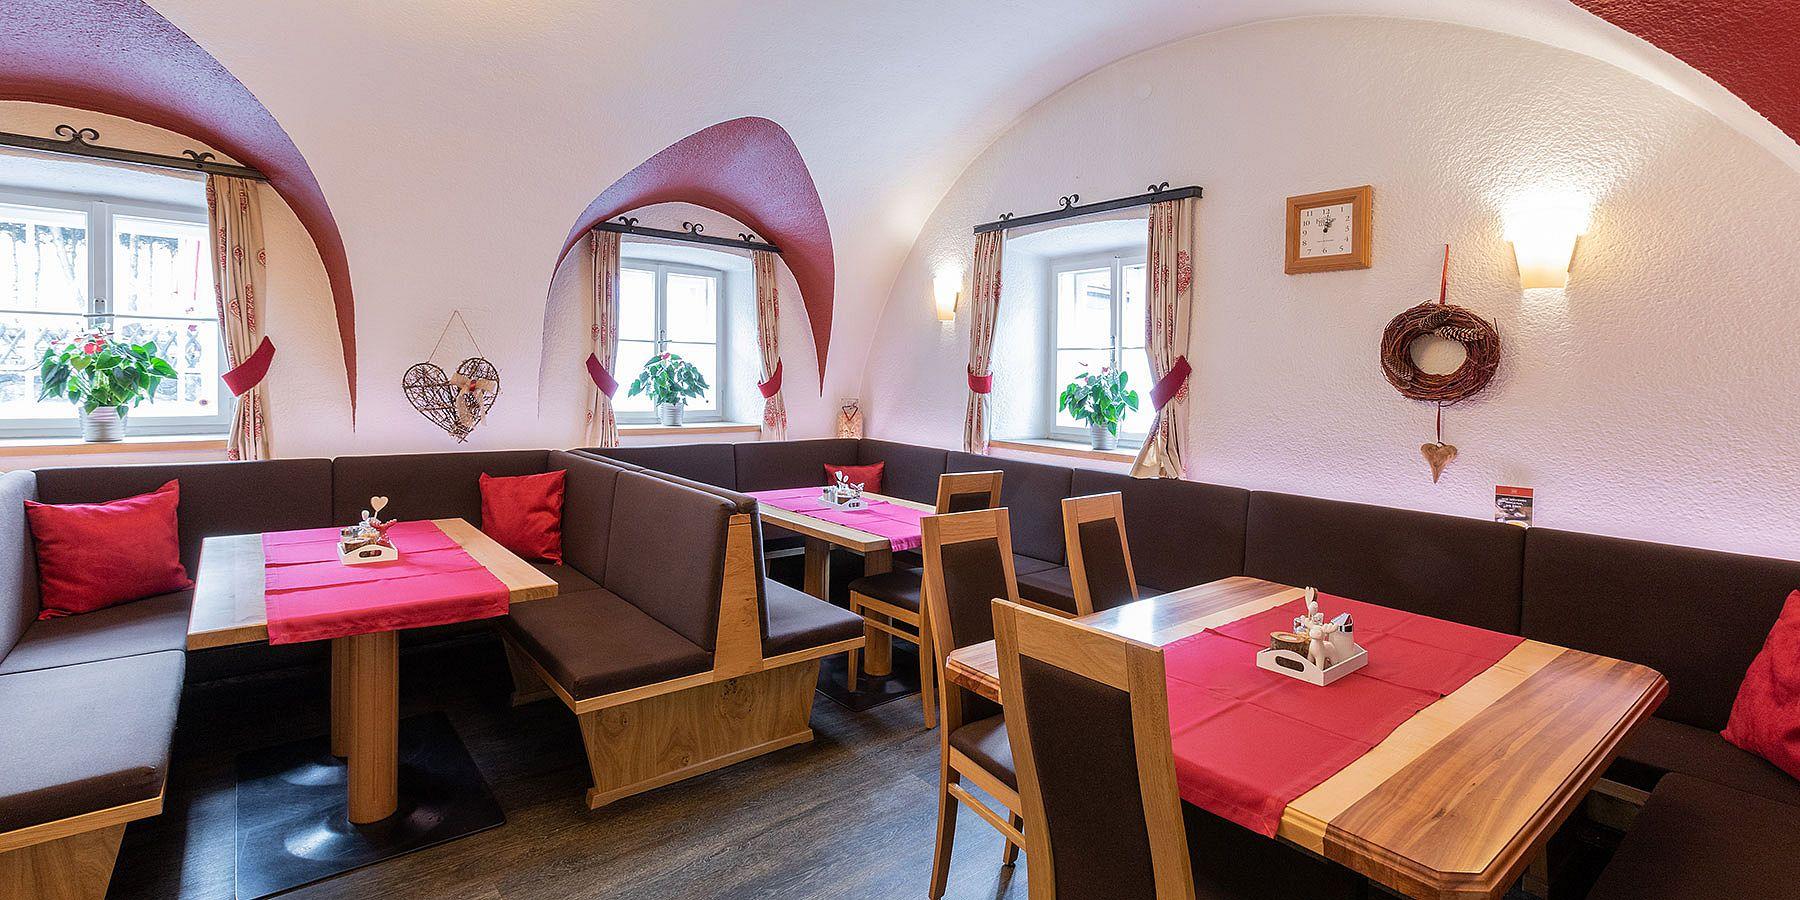 Kulinarik in Reiters Wohlfühlhotel